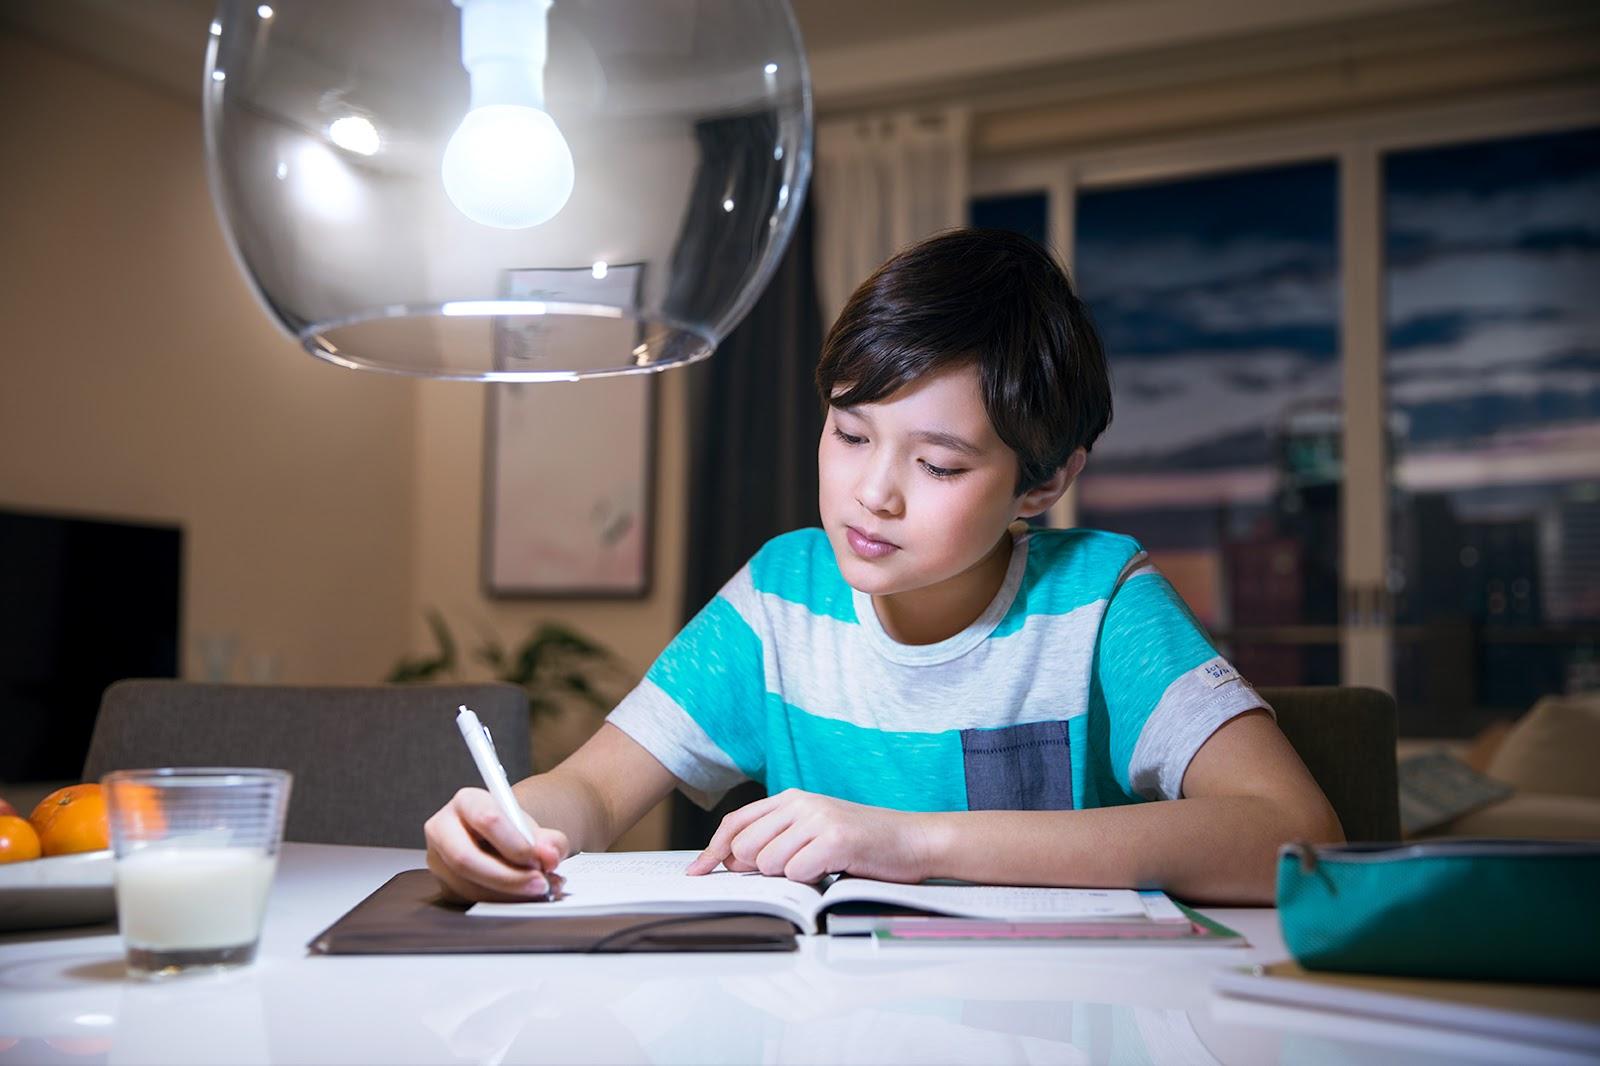 Bóng đèn Led bulb Philips hiệu suất cao êm dịu đôi mắt